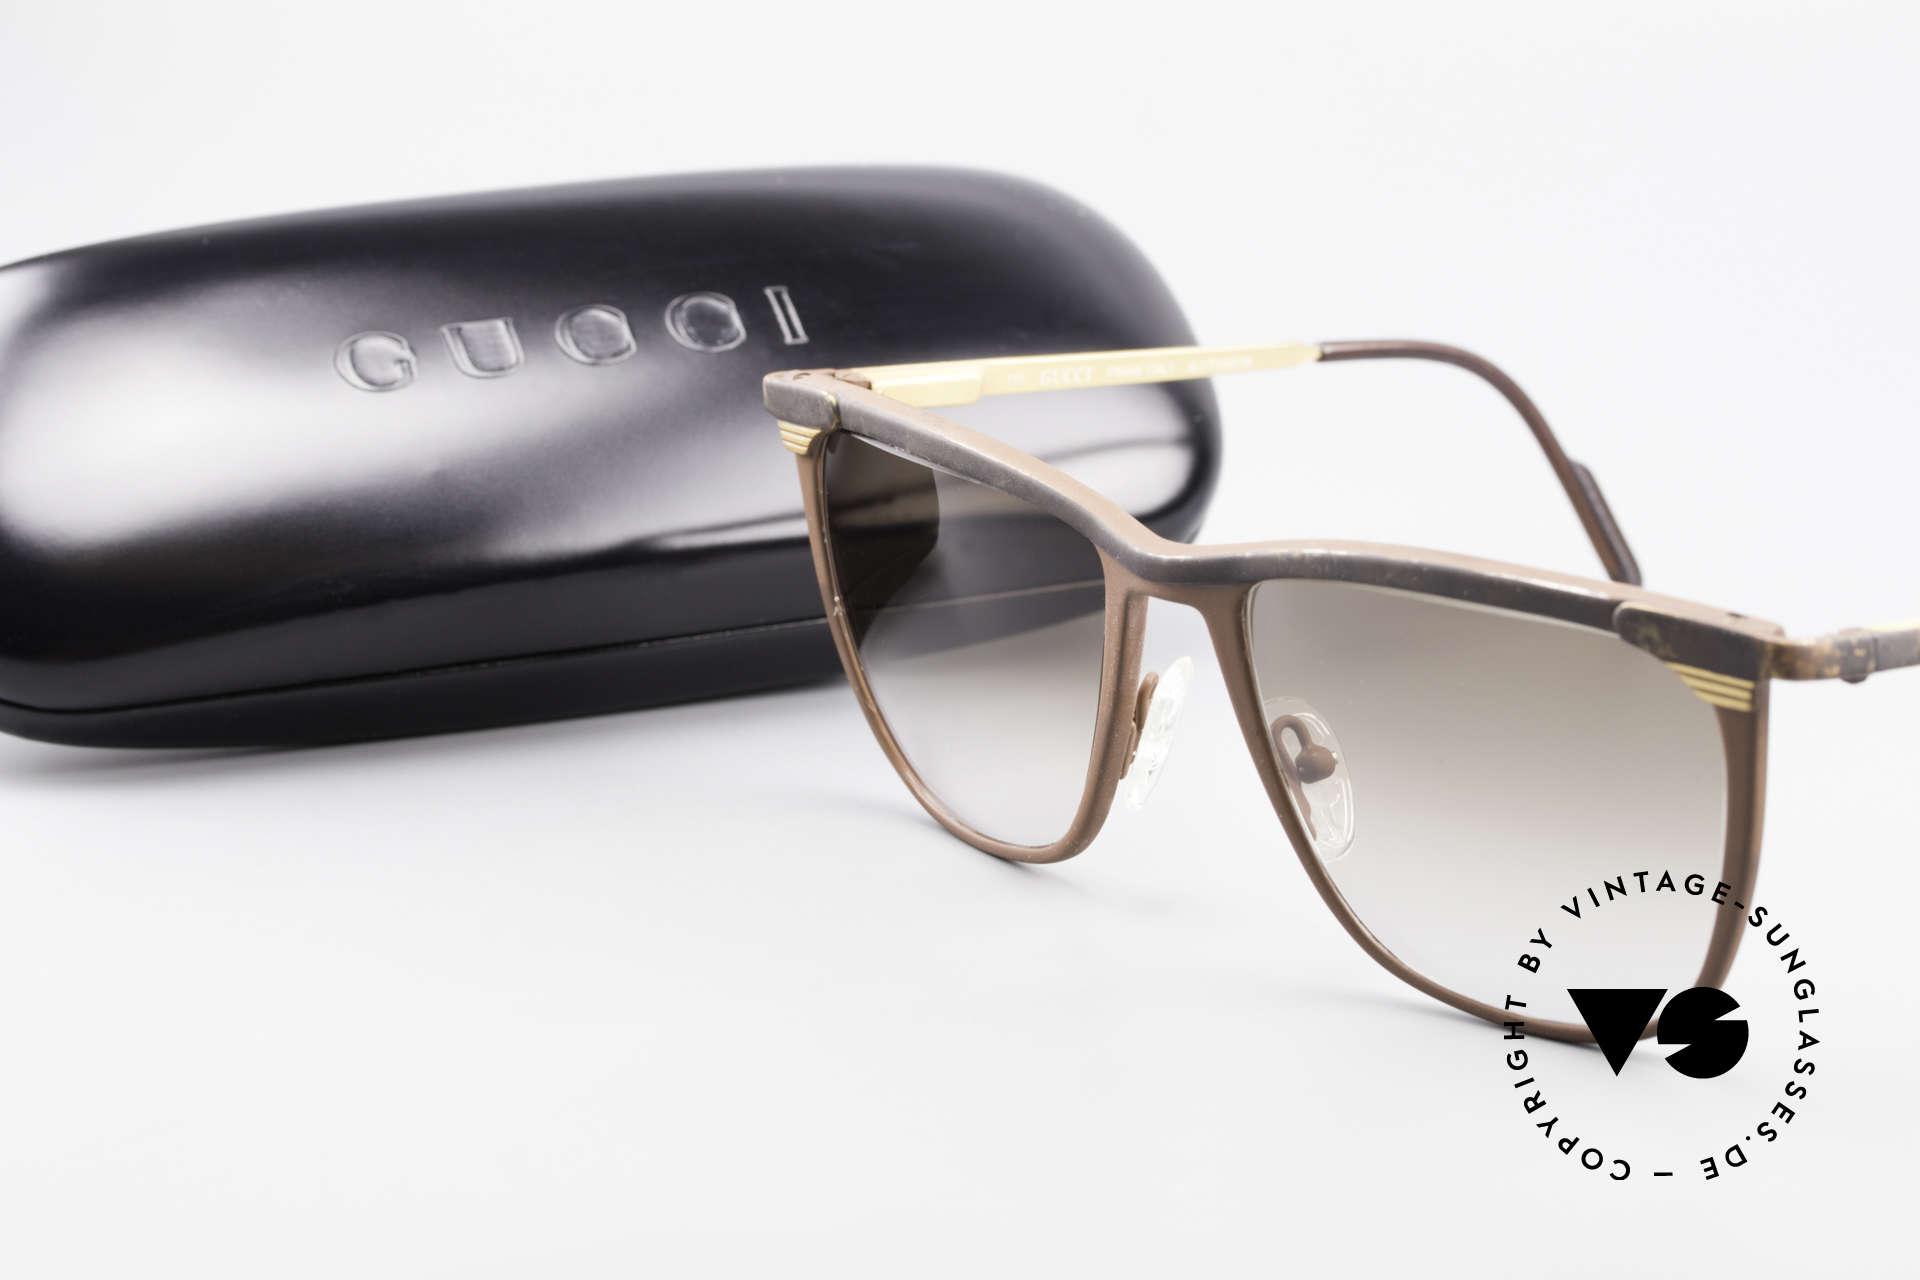 Gucci 2227 Luxus Designer Sonnenbrille, Größe: large, Passend für Herren und Damen